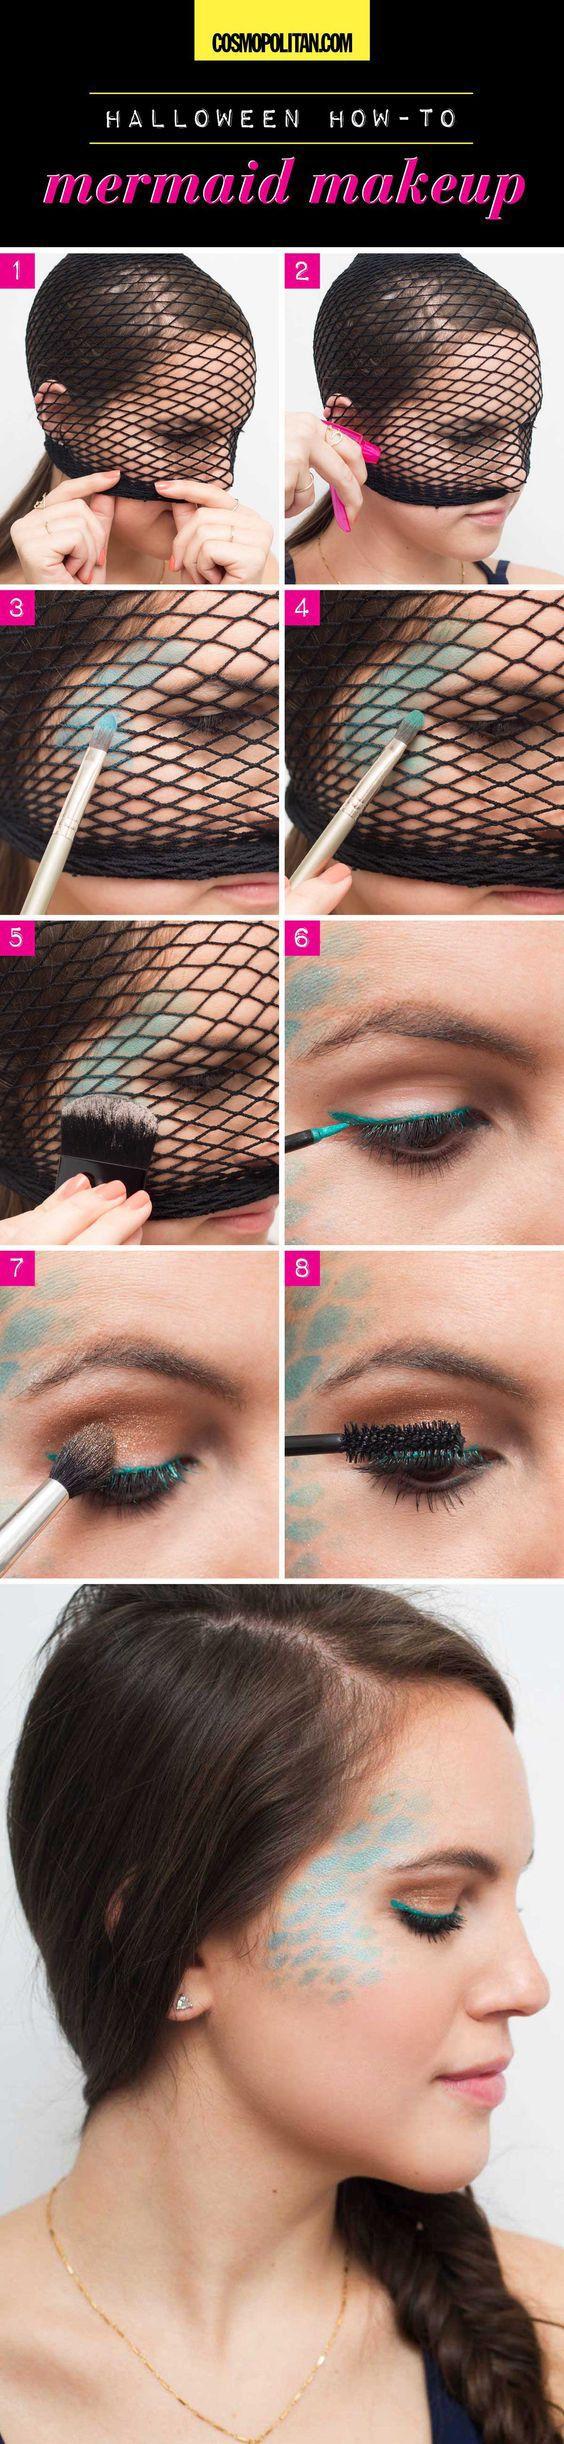 15 Impressive But Easy Halloween Makeup Tutorials Even